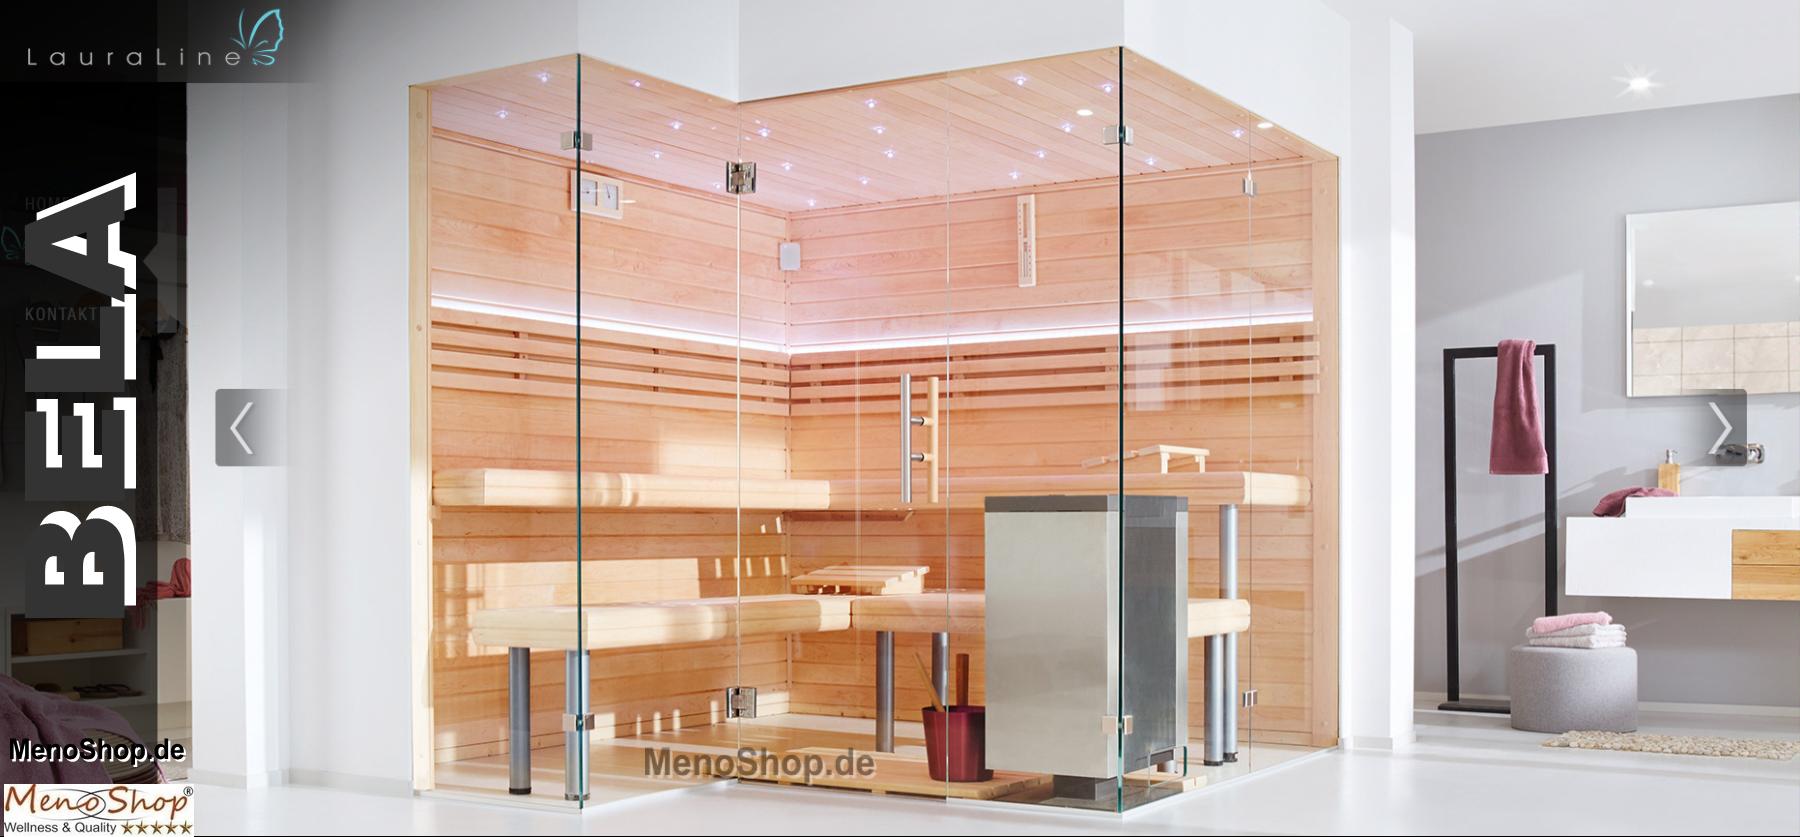 Full Size of Lauraline Design Sauna Bela Wohnzimmer Außensauna Wandaufbau